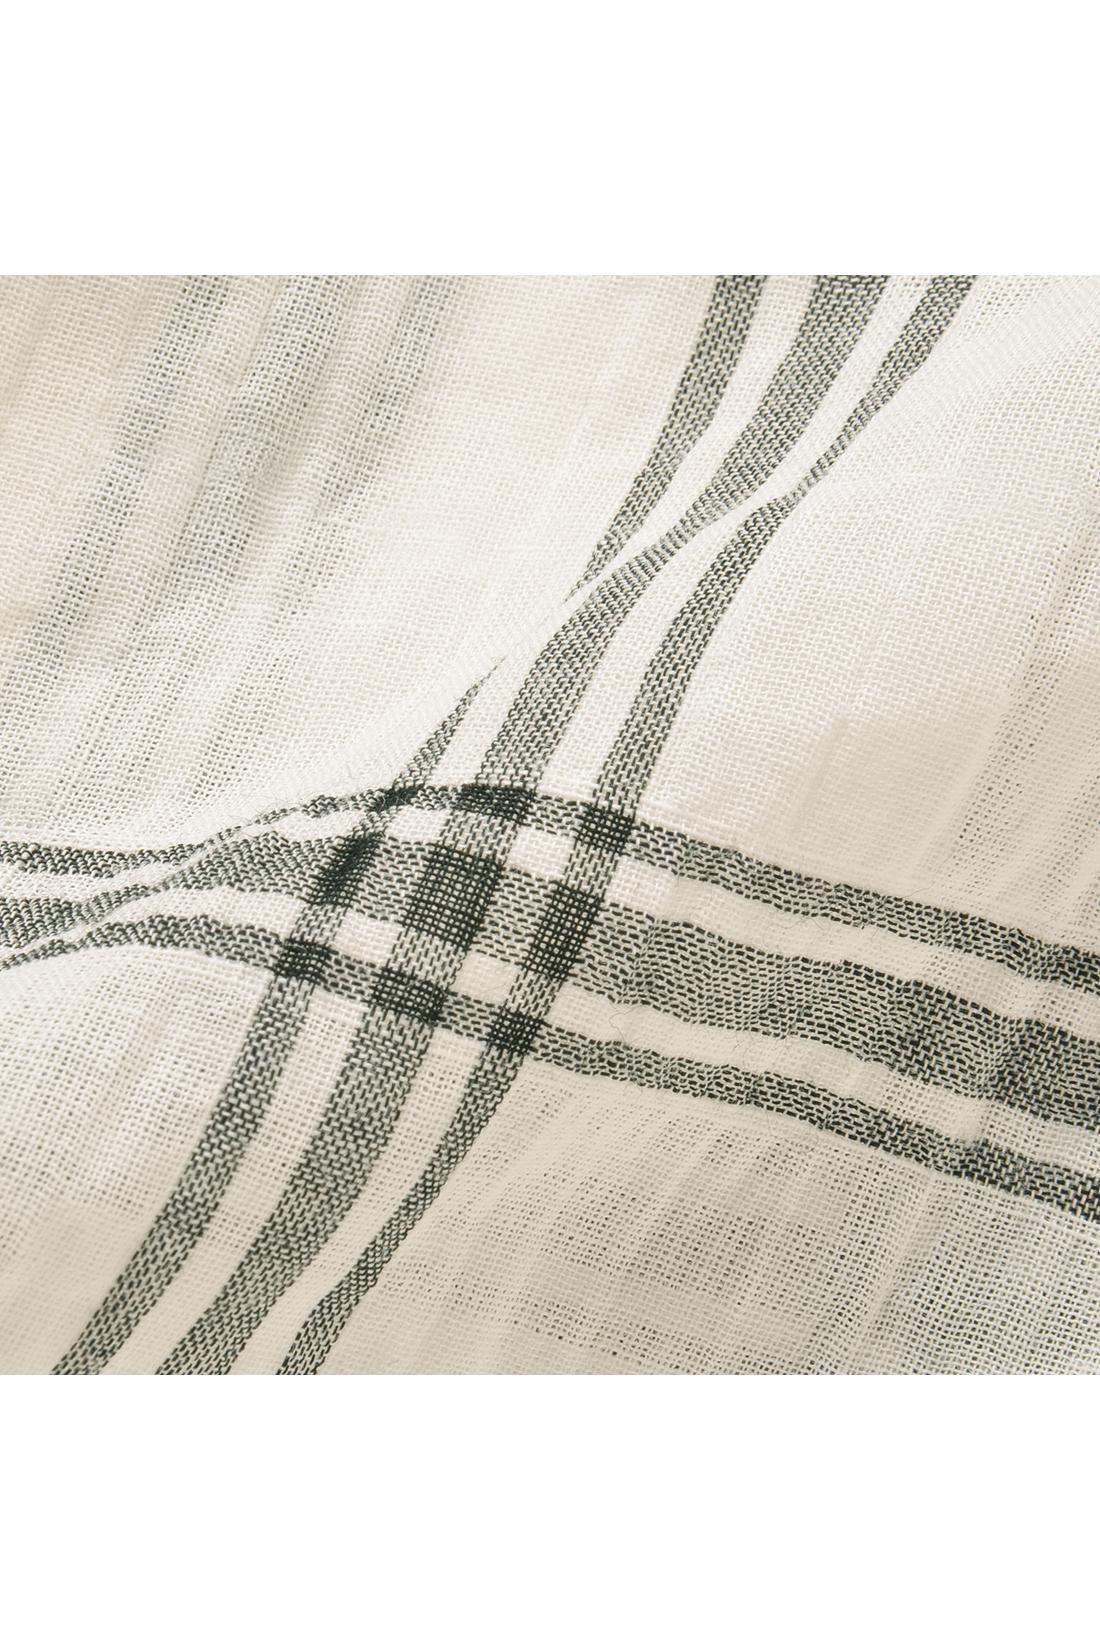 コットンにポリウレタンをミックスしたワッシャーライクな風合い。軽く透ける薄さと凸凹感が心地よく、アイロンいらずの手軽さも便利。